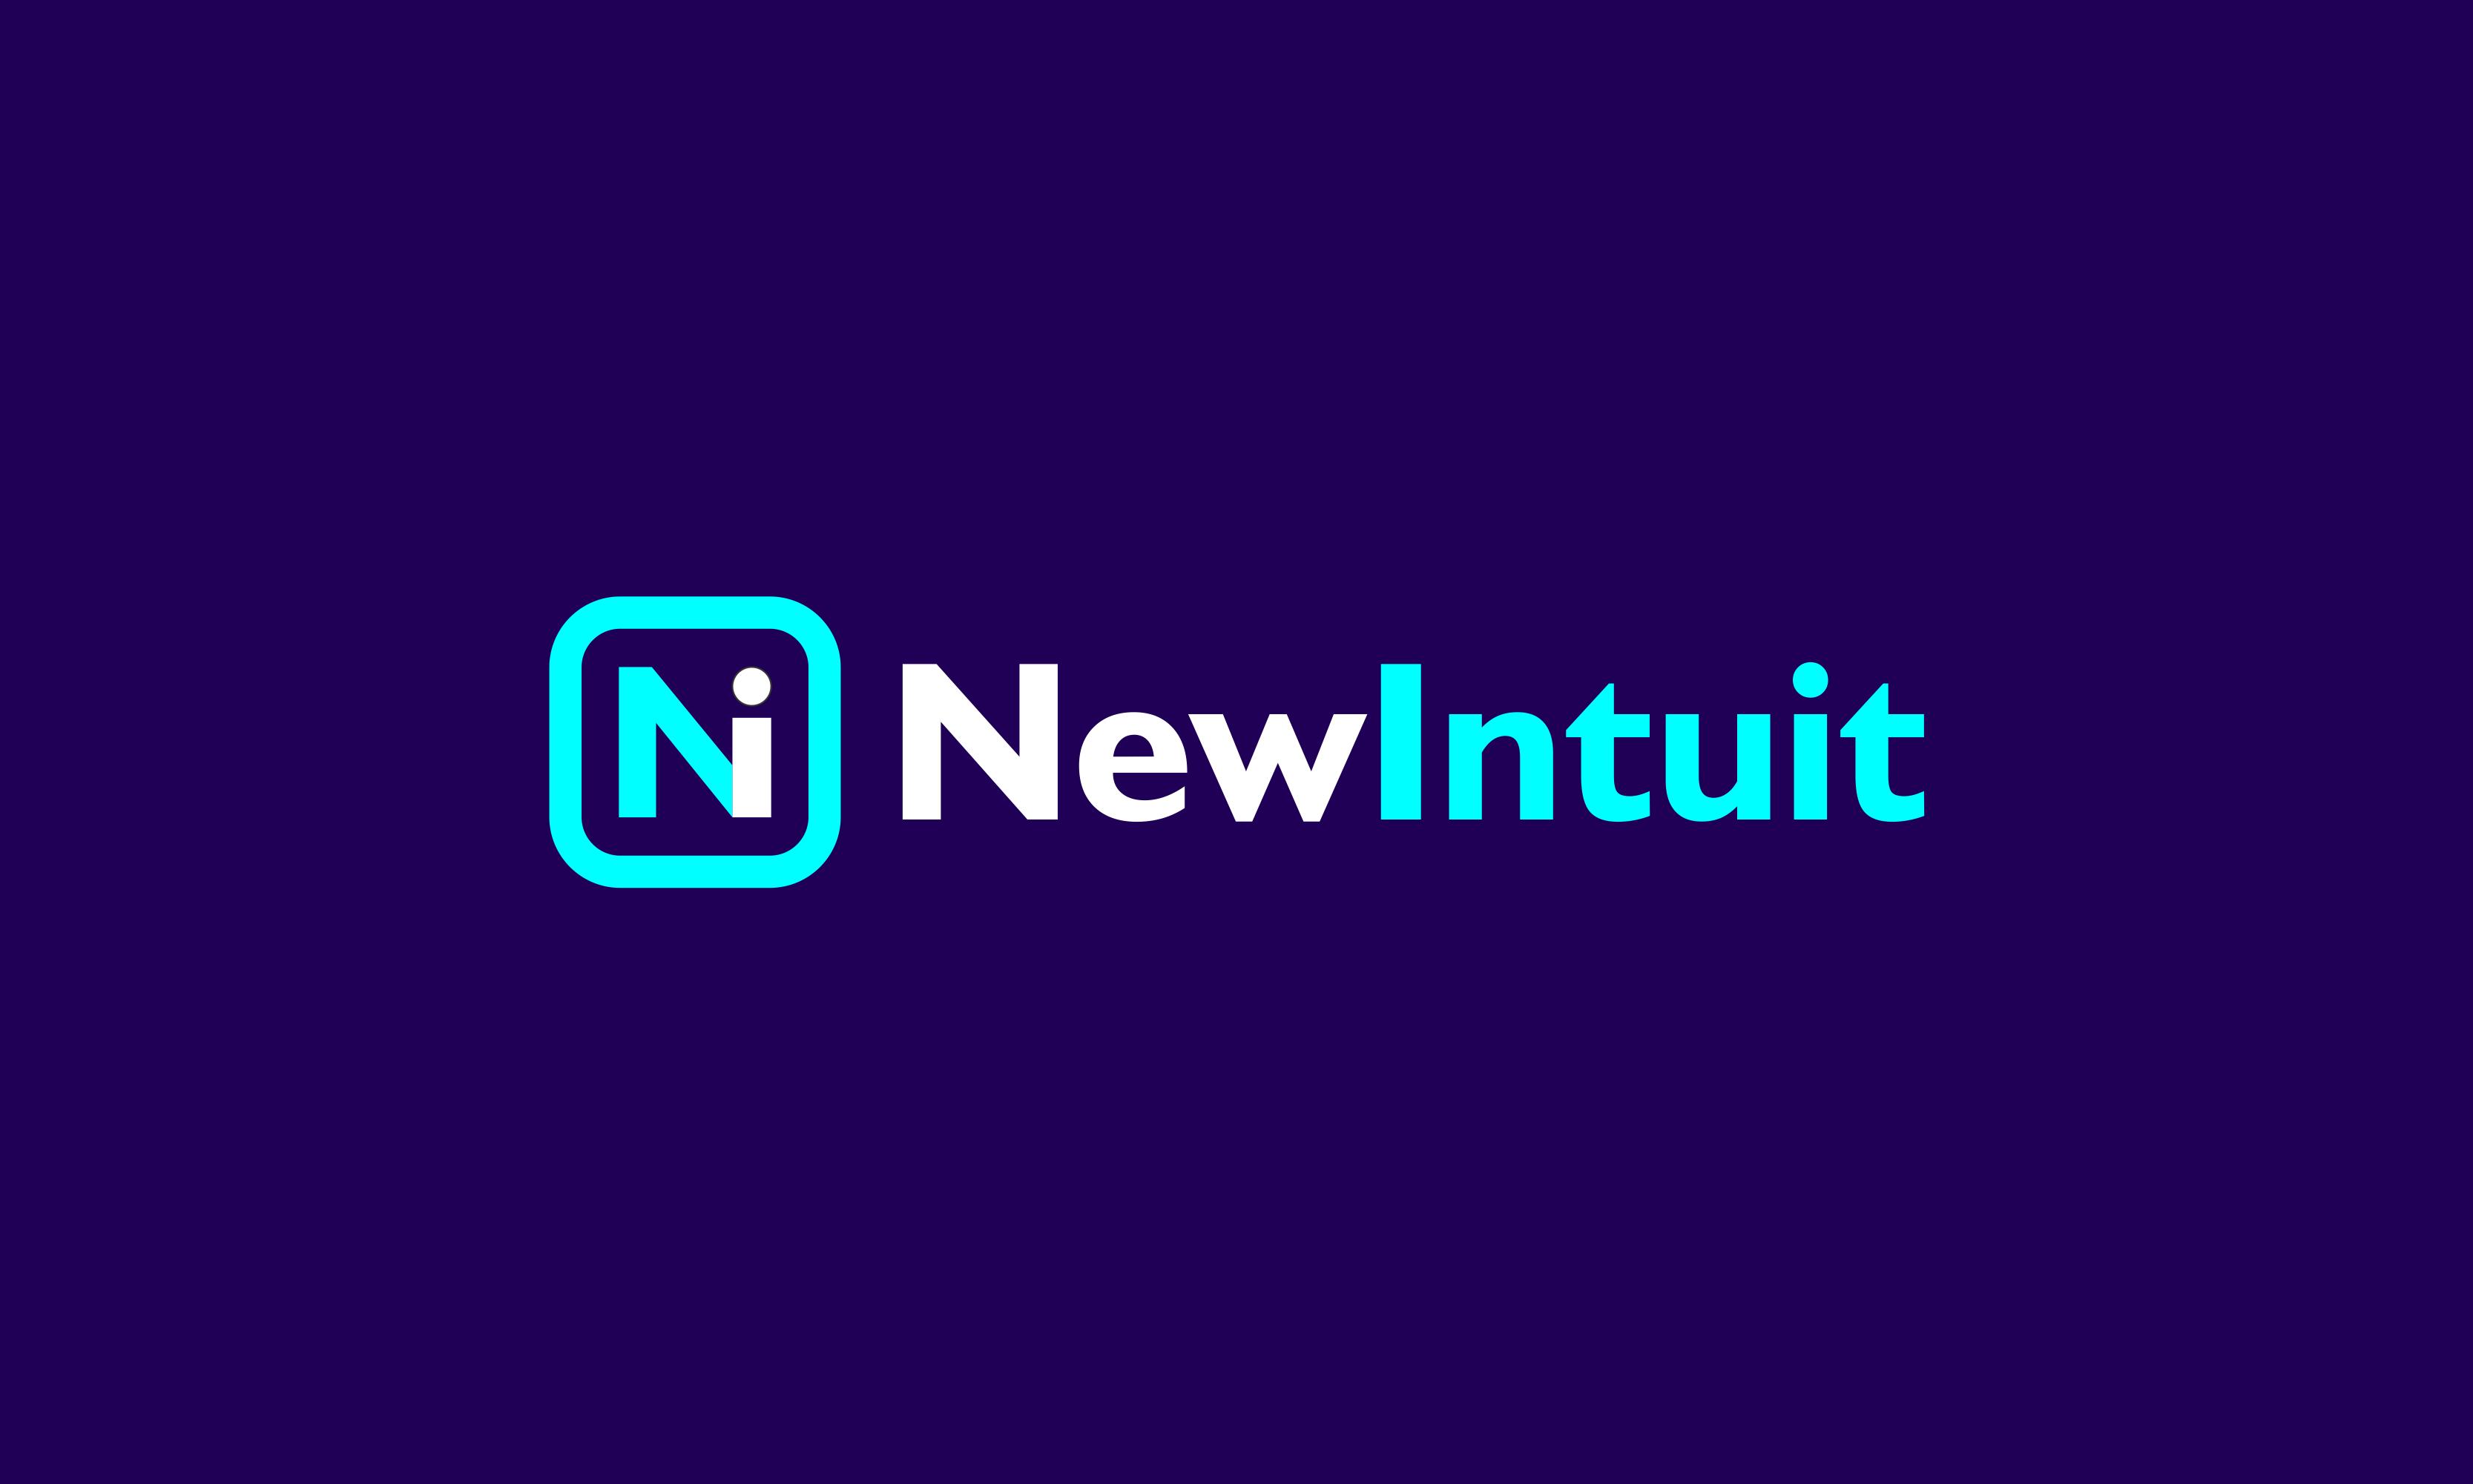 Newintuit